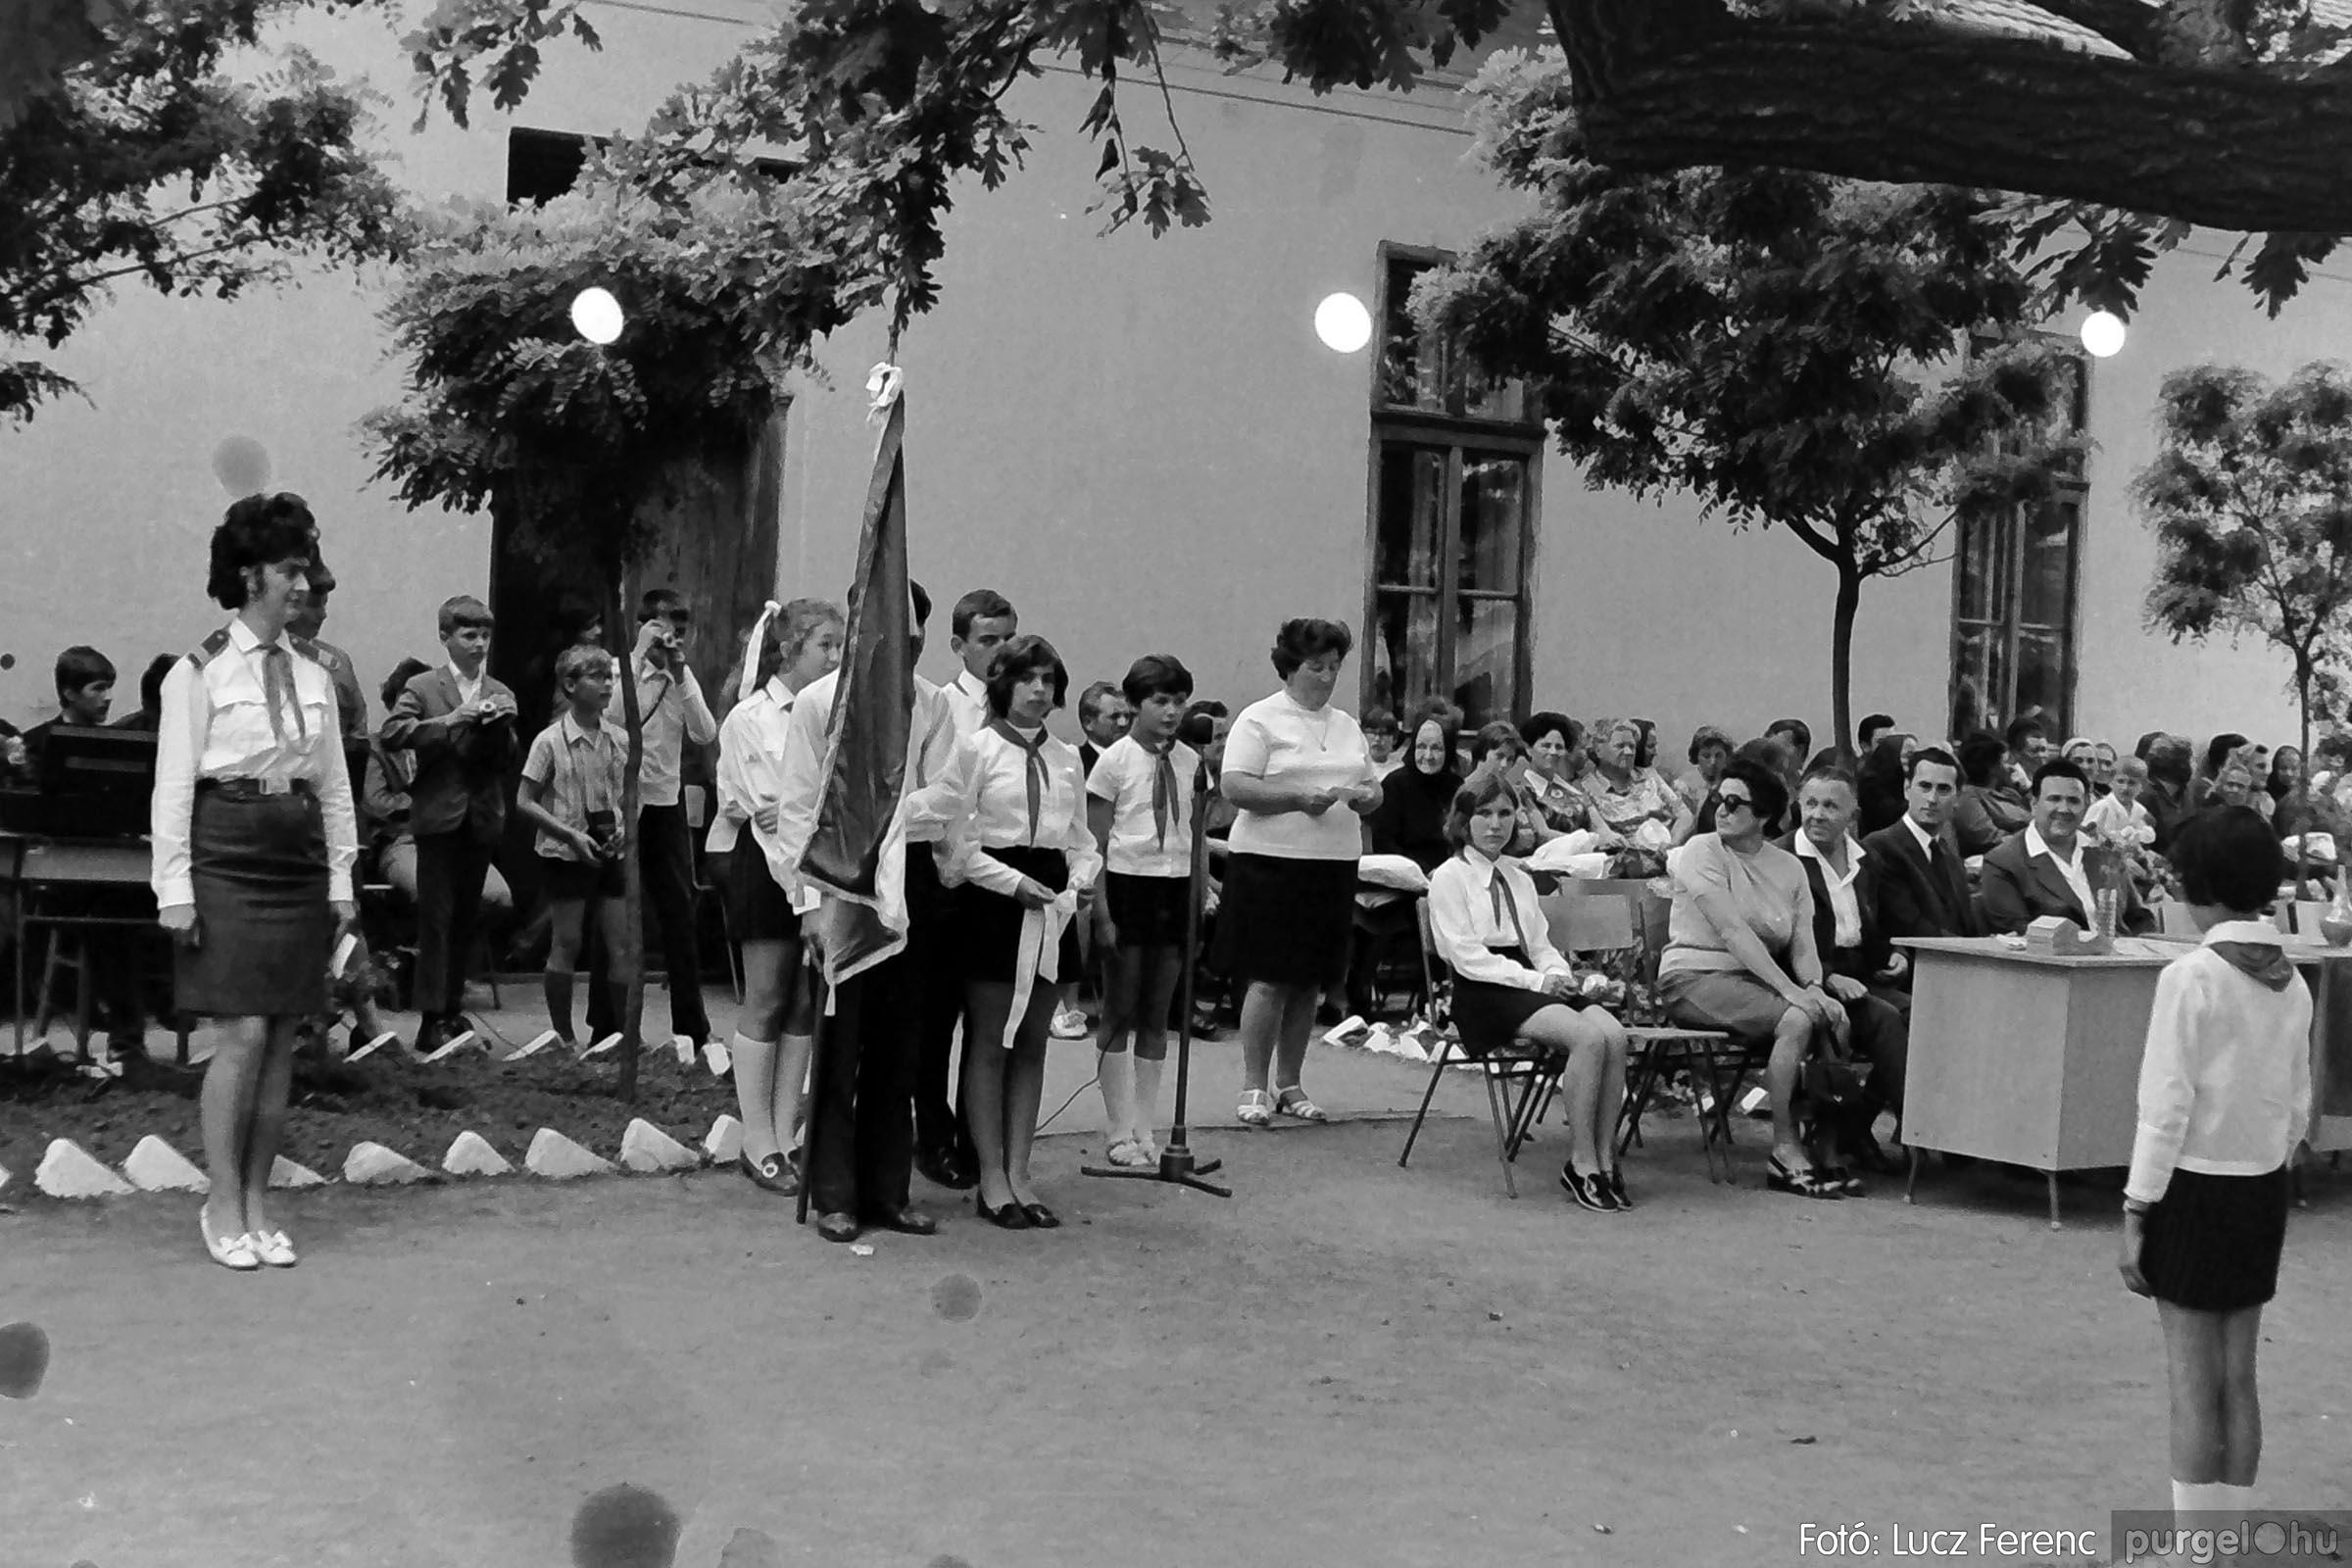 001 1972.05.27. Ballagás a szegvári iskolában 012 - Fotó: Lucz Ferenc - IMG01069q.jpg